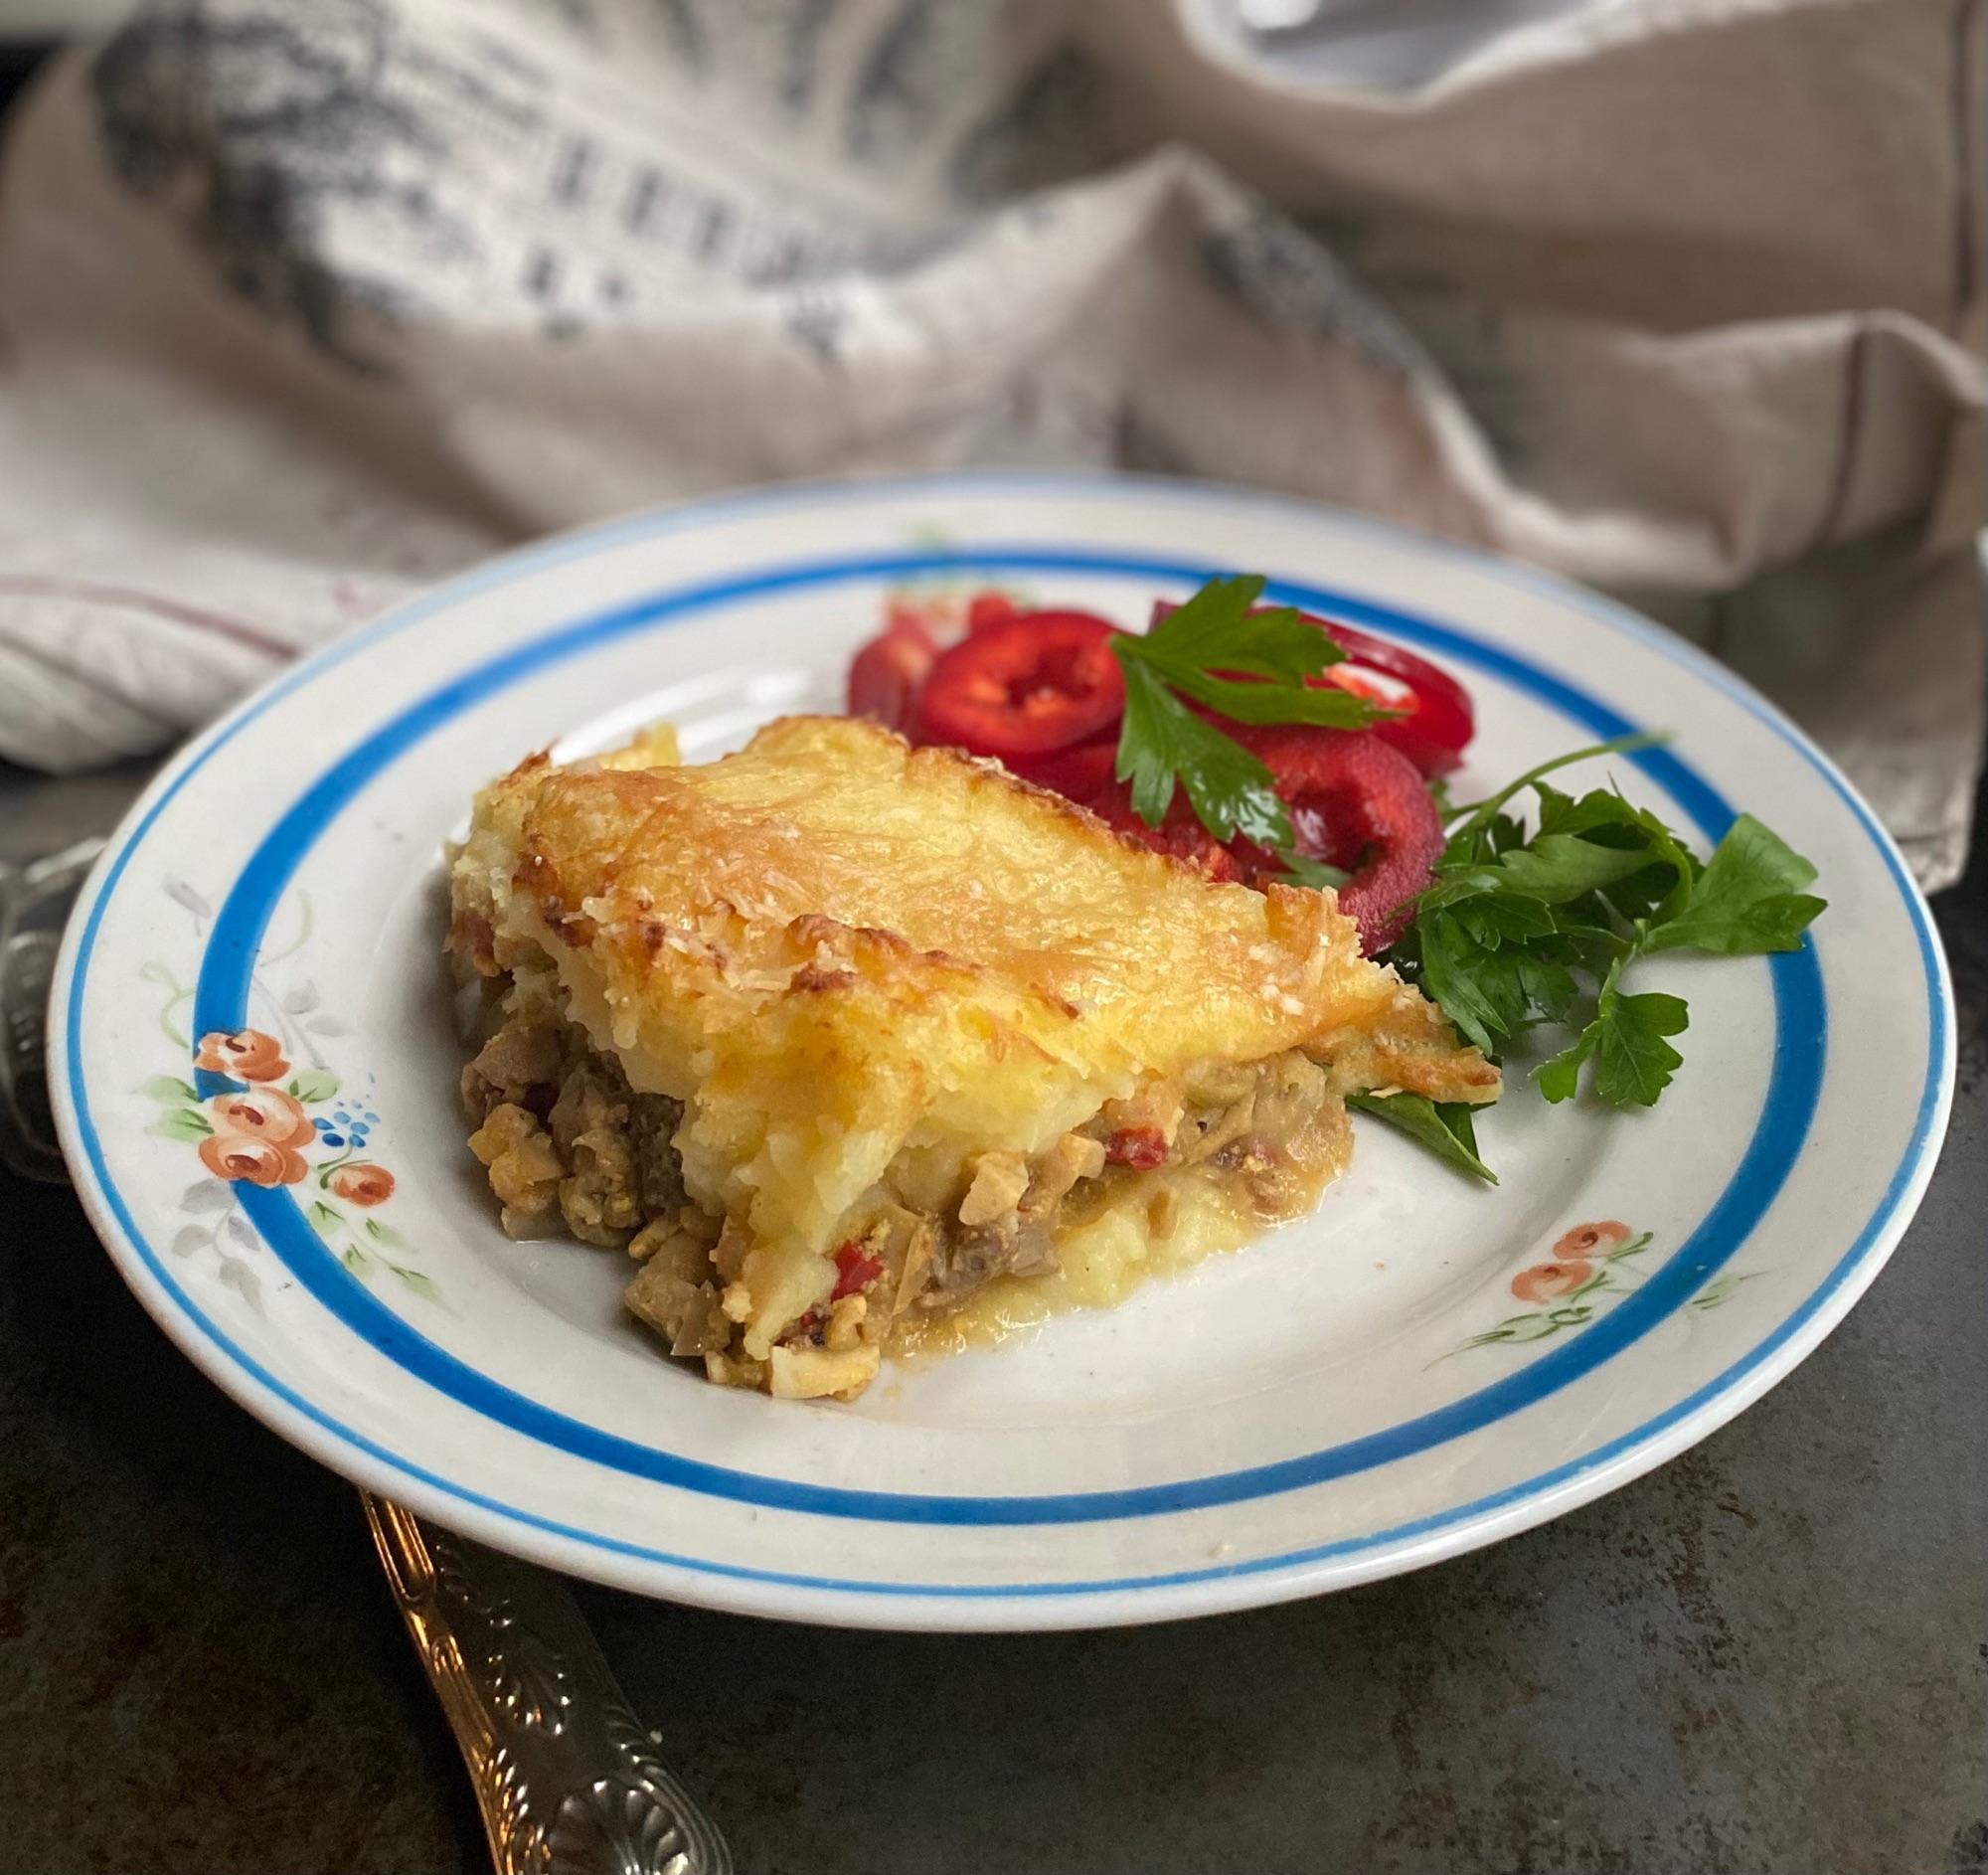 Или английский коттежный пирог на аргентинский лад. Со своими изюминками.